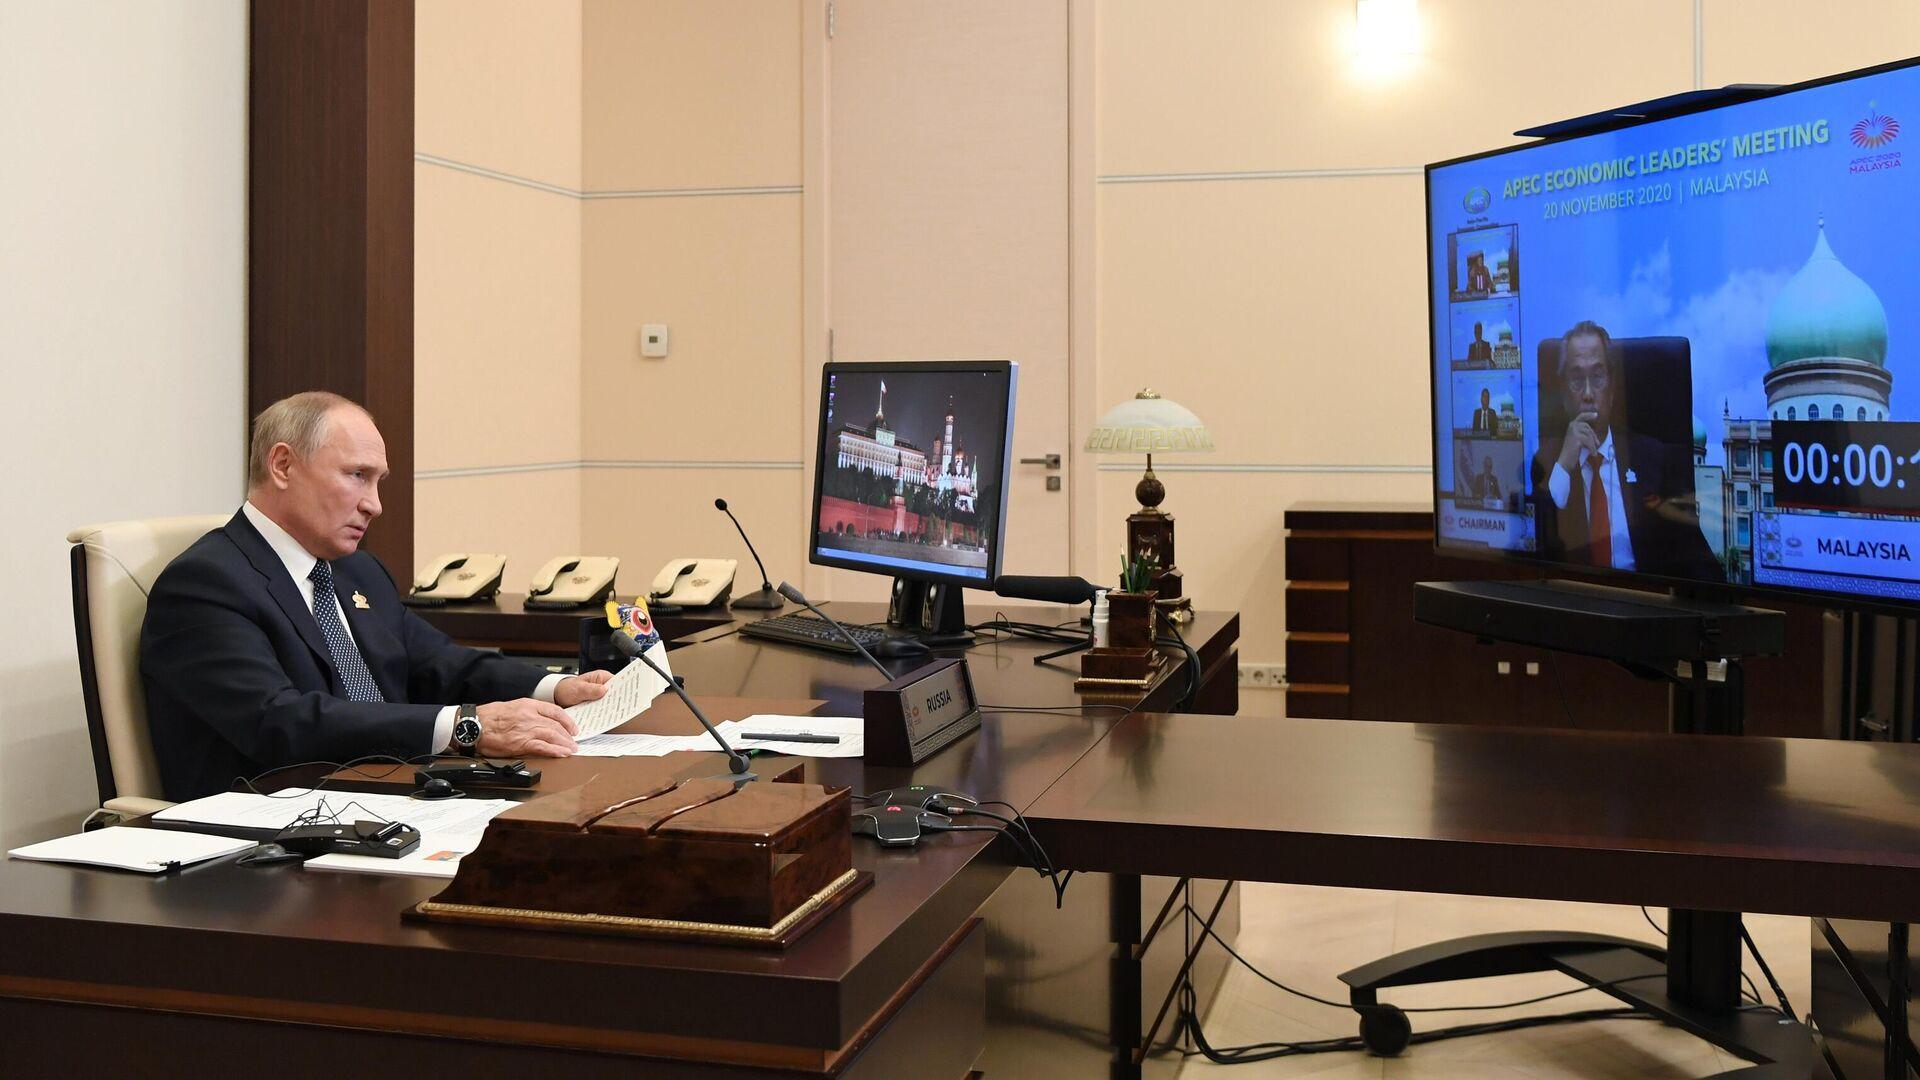 Президент РФ Владимир Путин принимает участие в режиме видеоконференции во встрече лидеров экономик форума АТЭС - РИА Новости, 1920, 20.11.2020